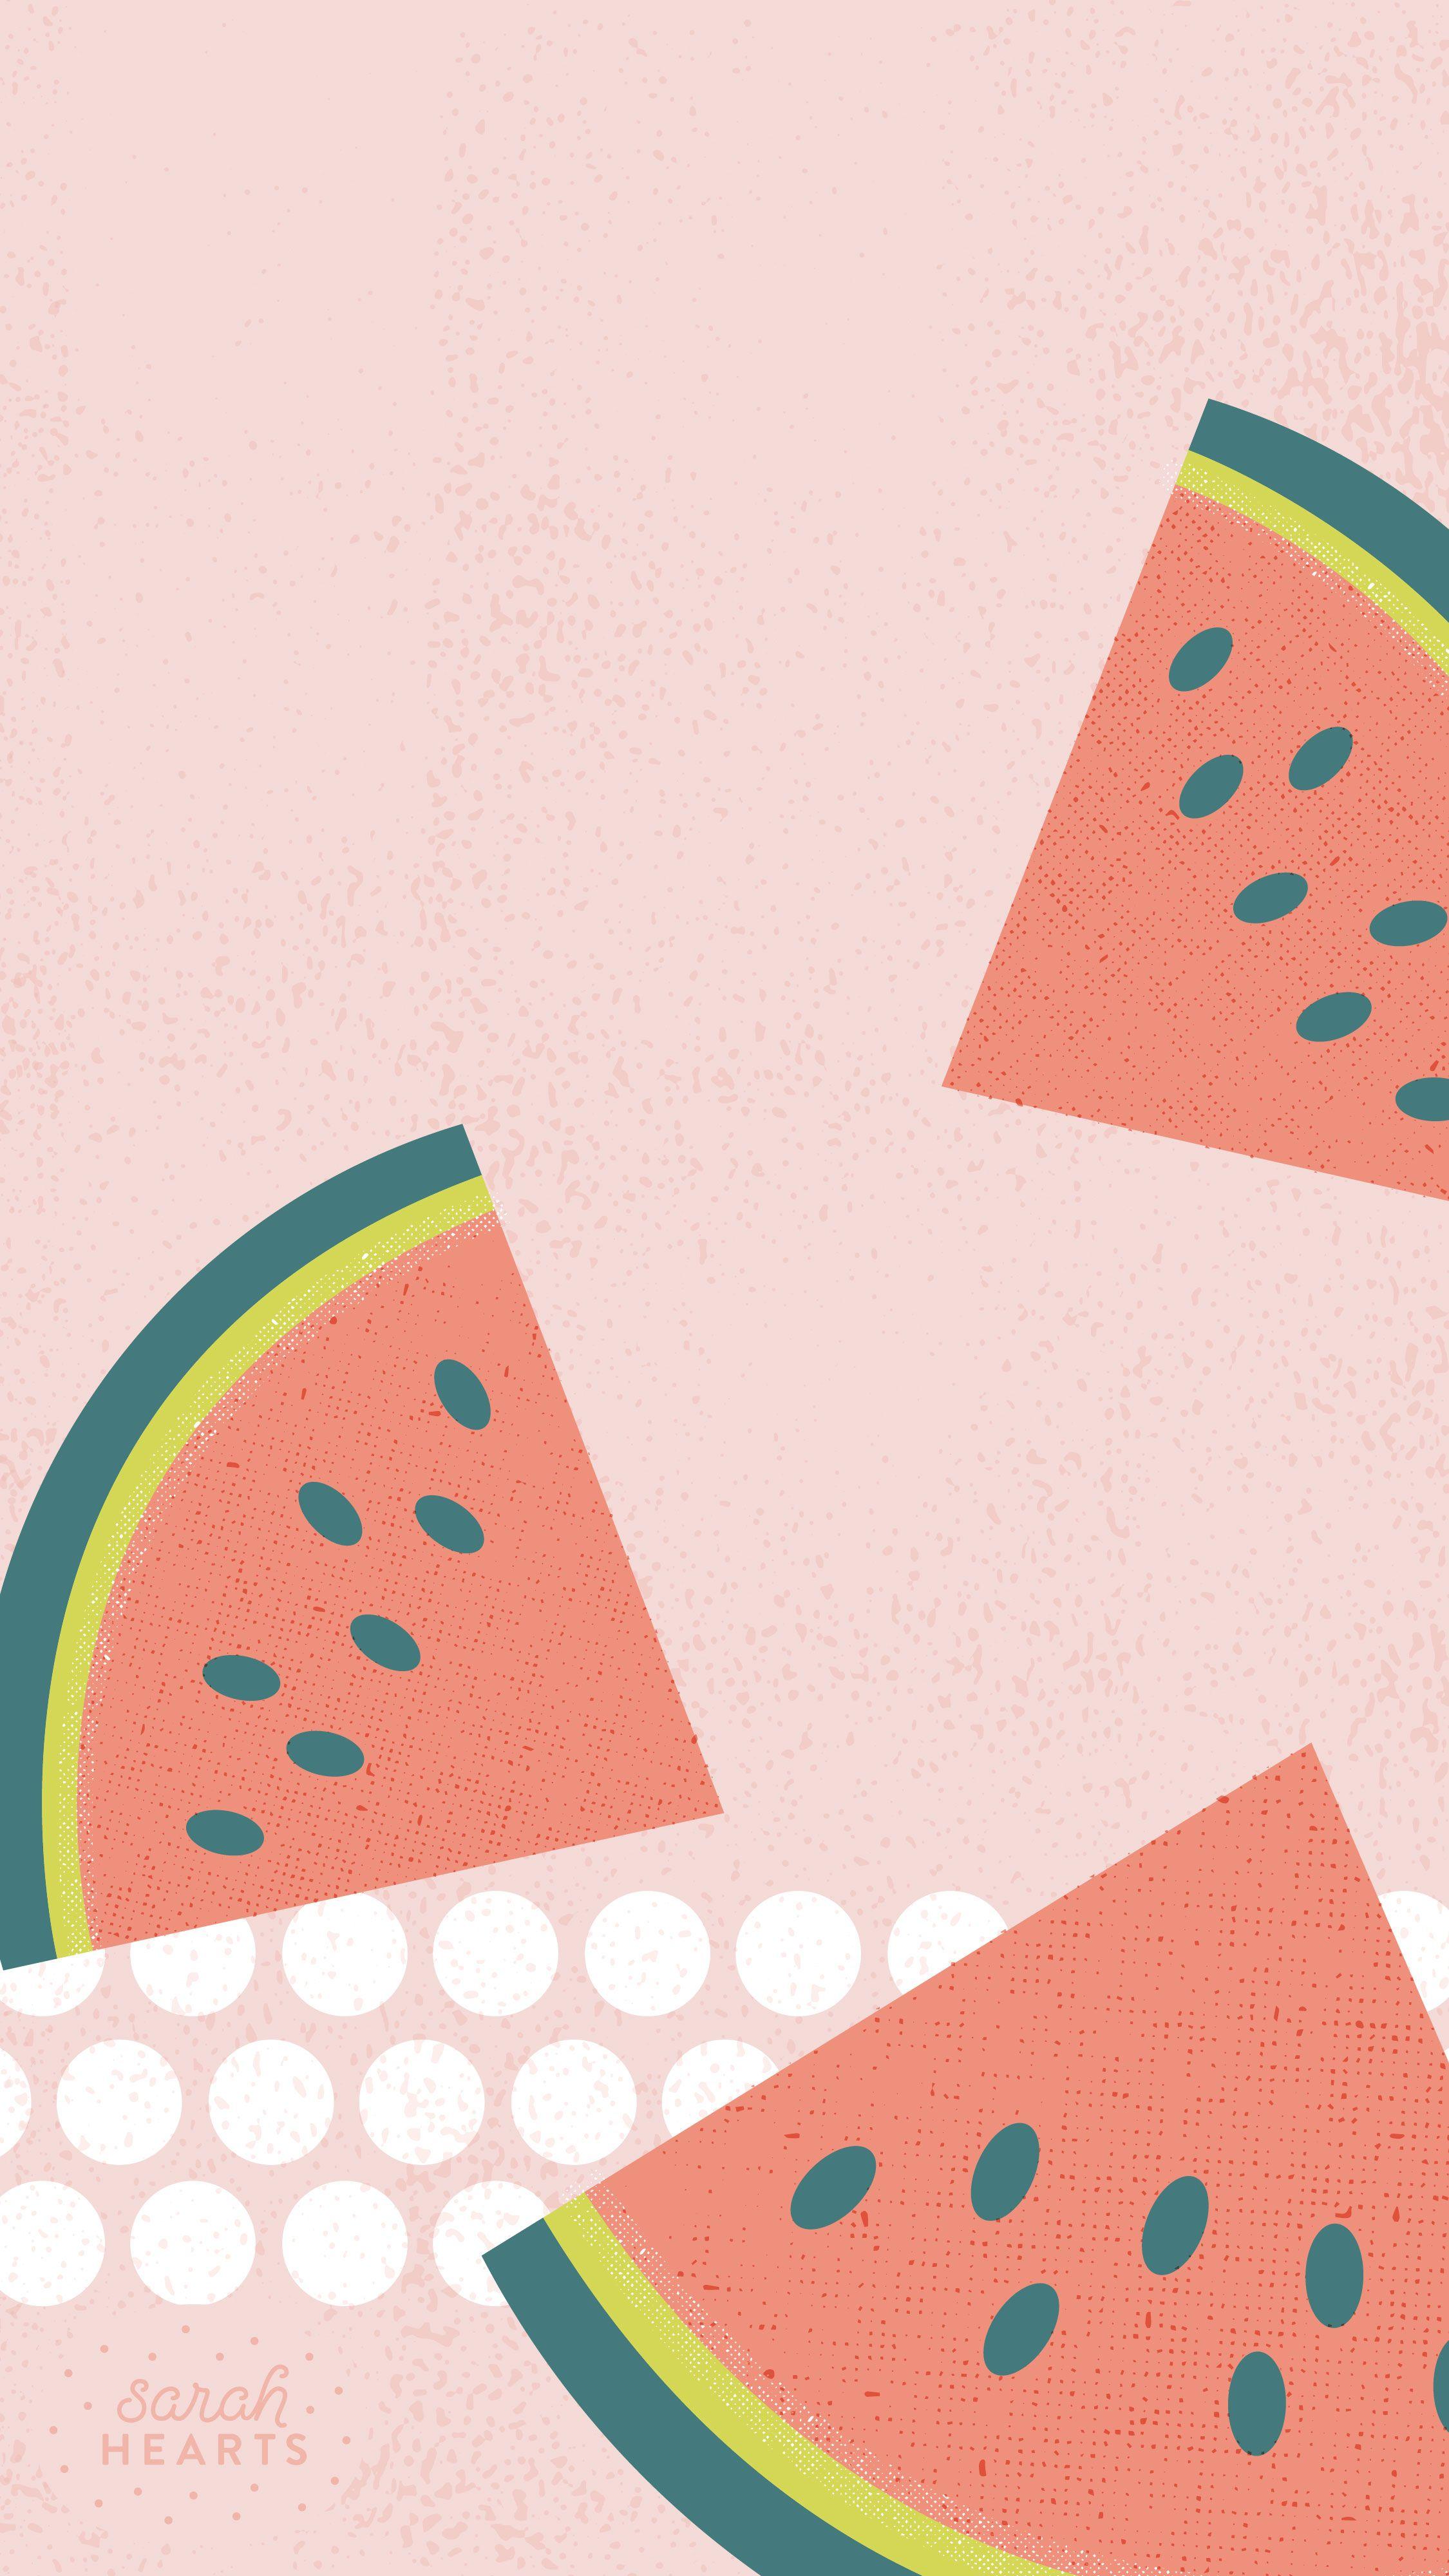 Popular Wallpaper Home Screen Summer - a3033d8810159e1477cf730bb0c97796  You Should Have_232278.jpg